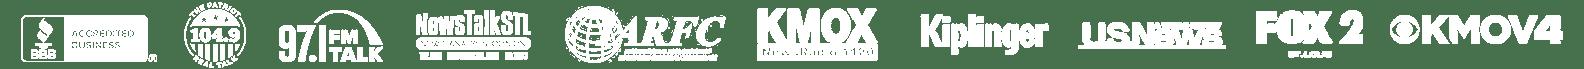 logos_media_new_new